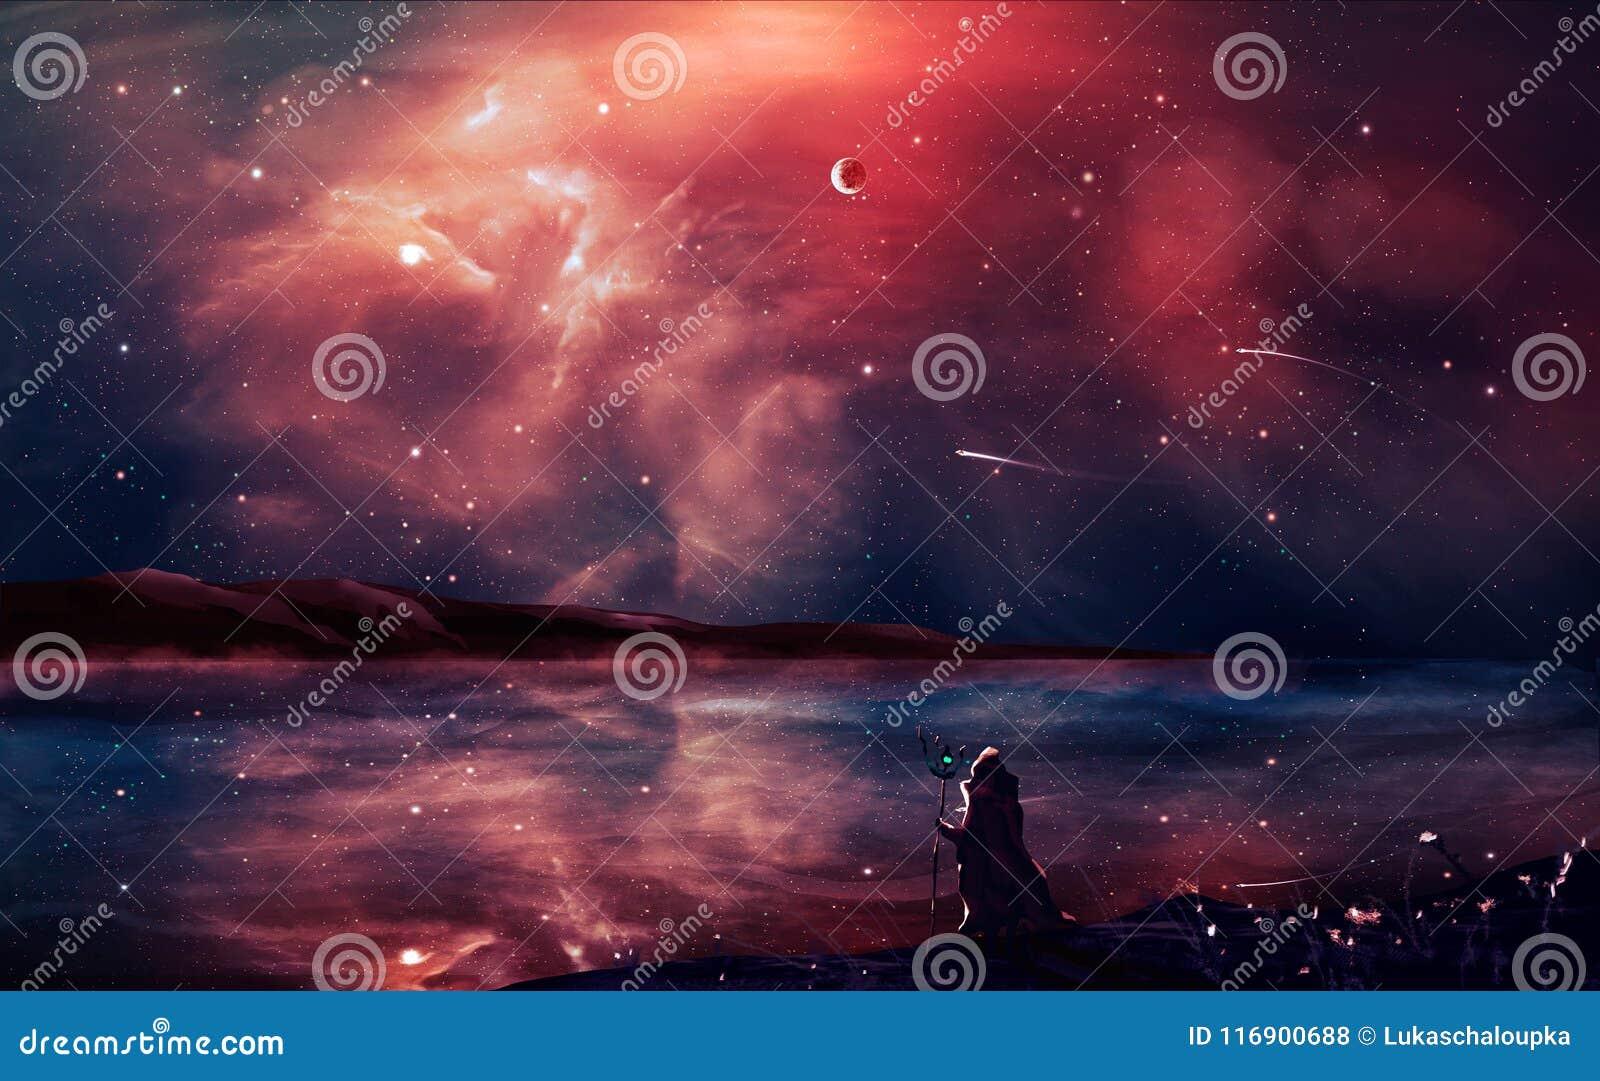 Fantastyka naukowa kształtuje teren cyfrowego obraz z mgławicą, magik, planeta,